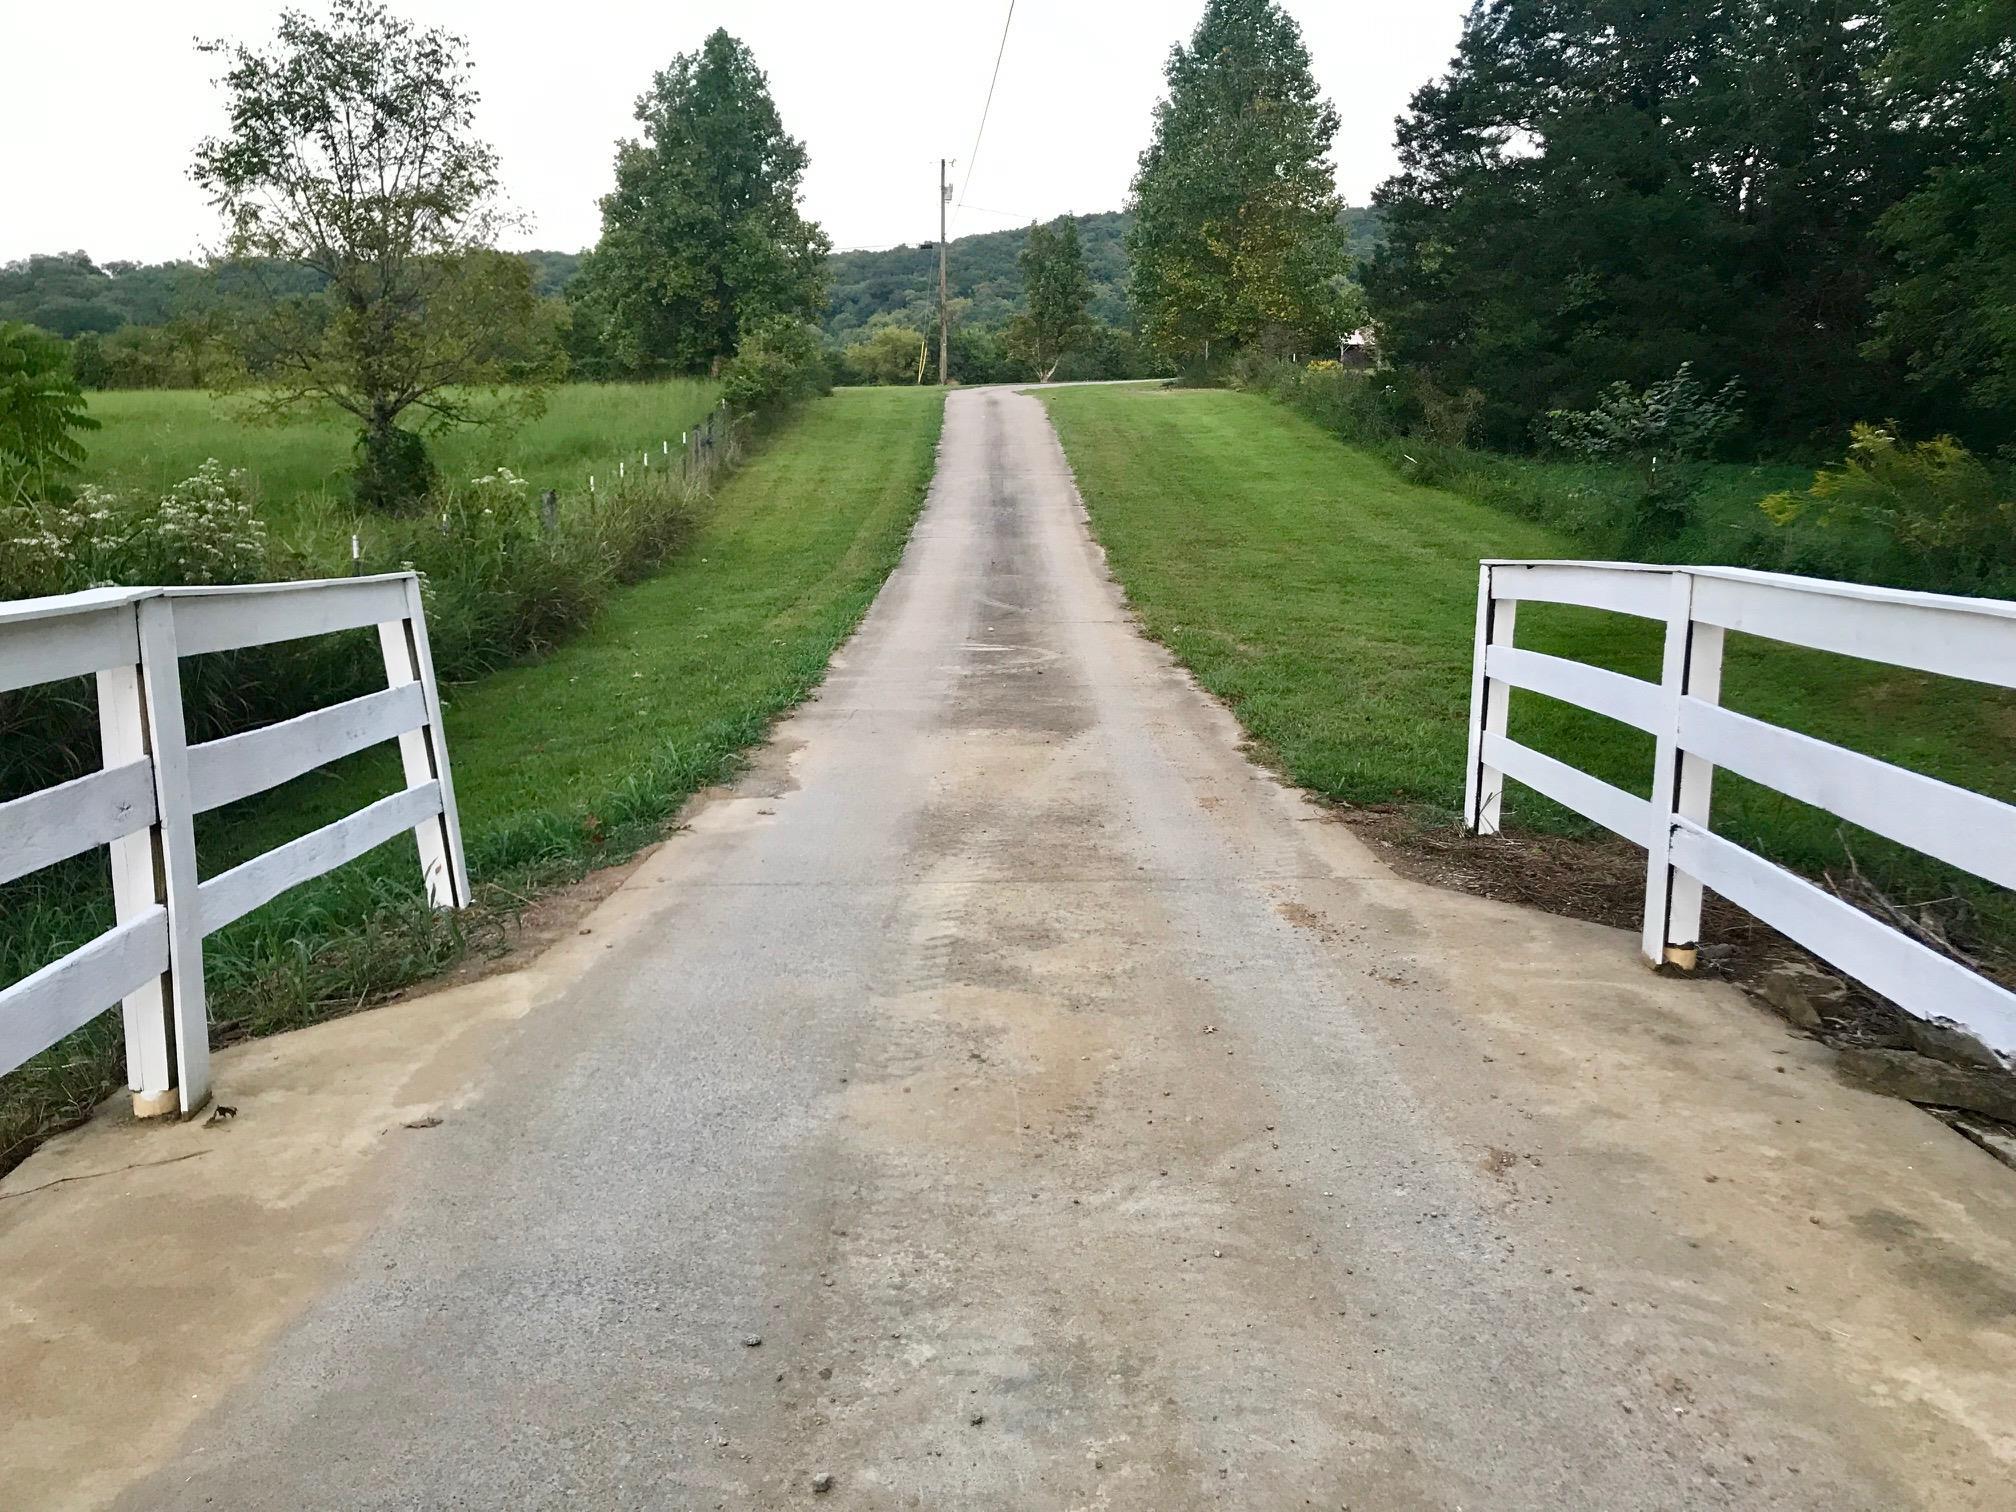 5312 W Trimble Rd, Milton, TN 37118 - Milton, TN real estate listing